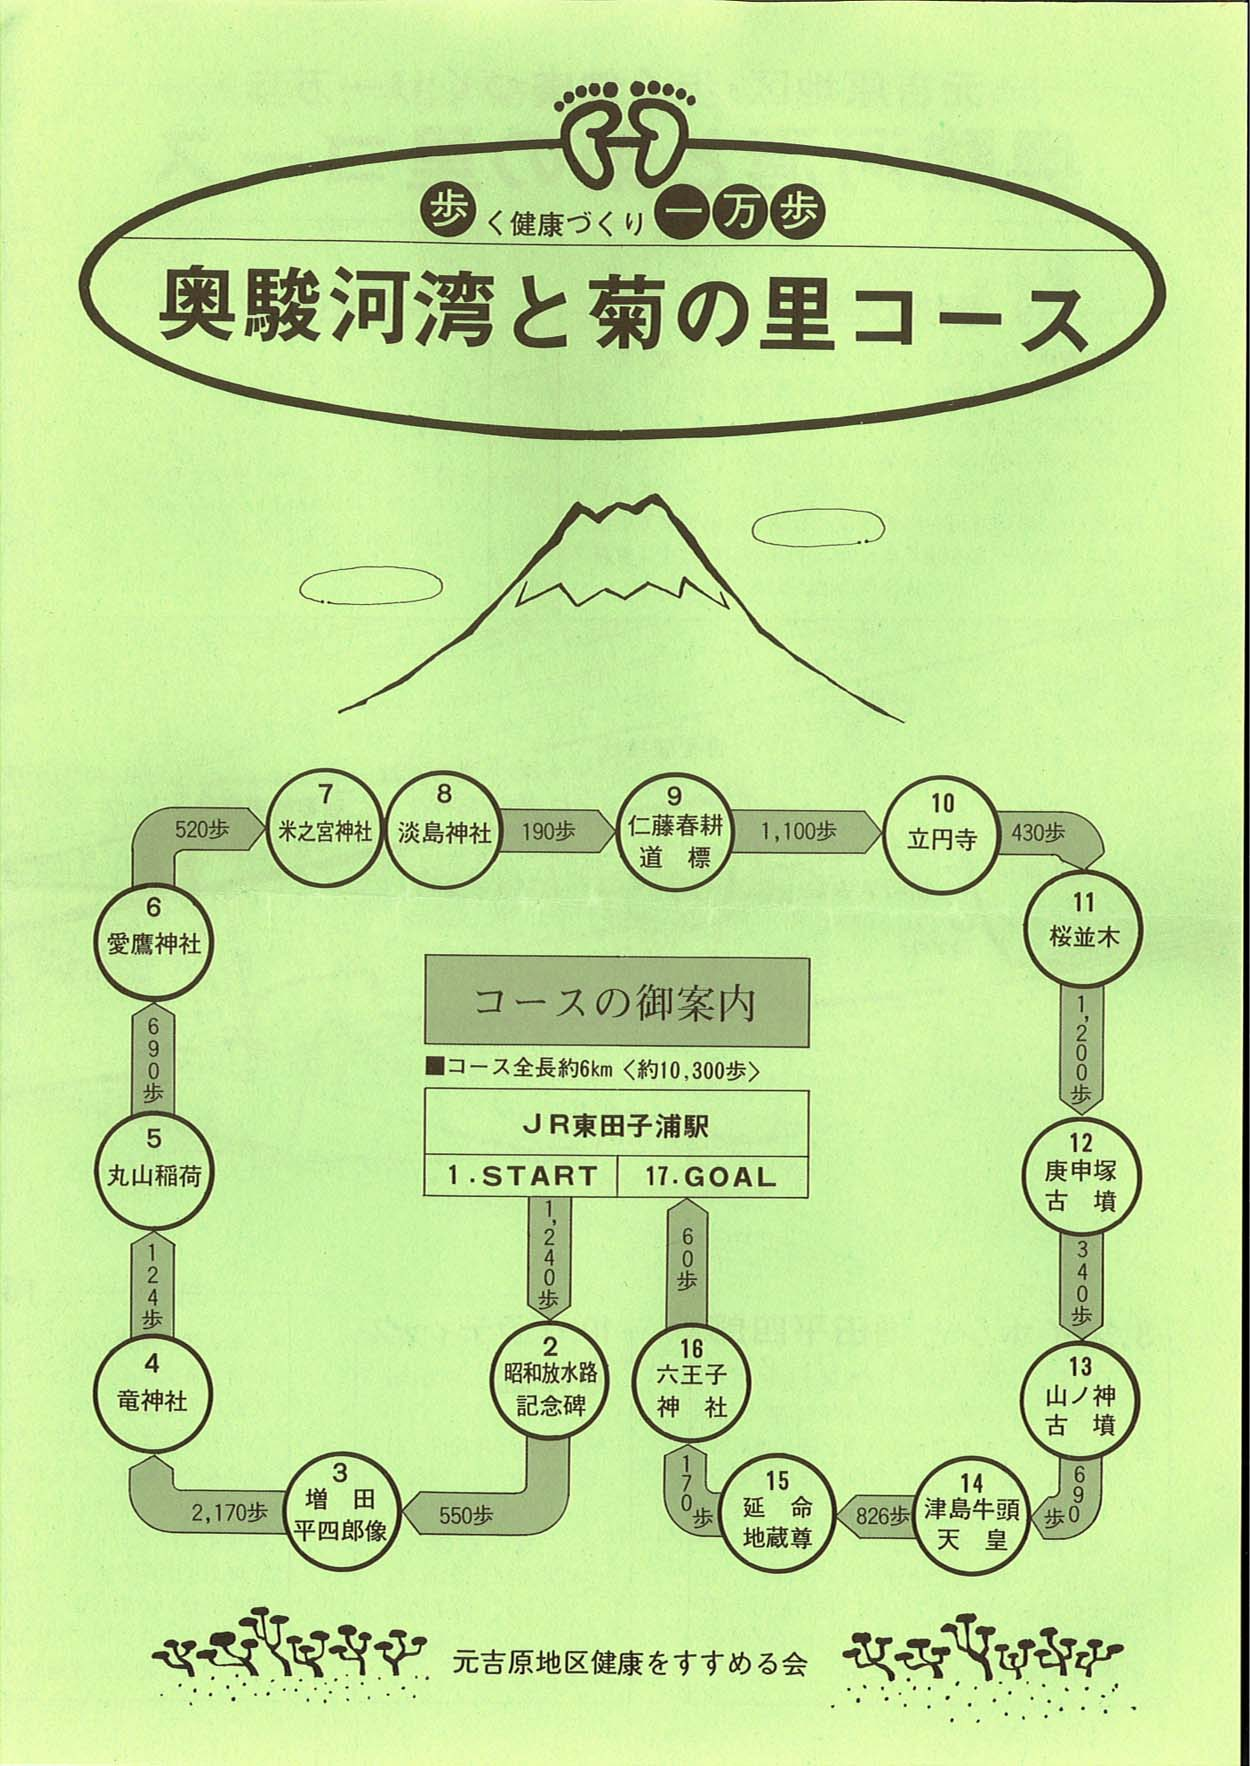 一万歩 元吉原 奥駿河湾と菊の里コース_f0141310_21506.jpg